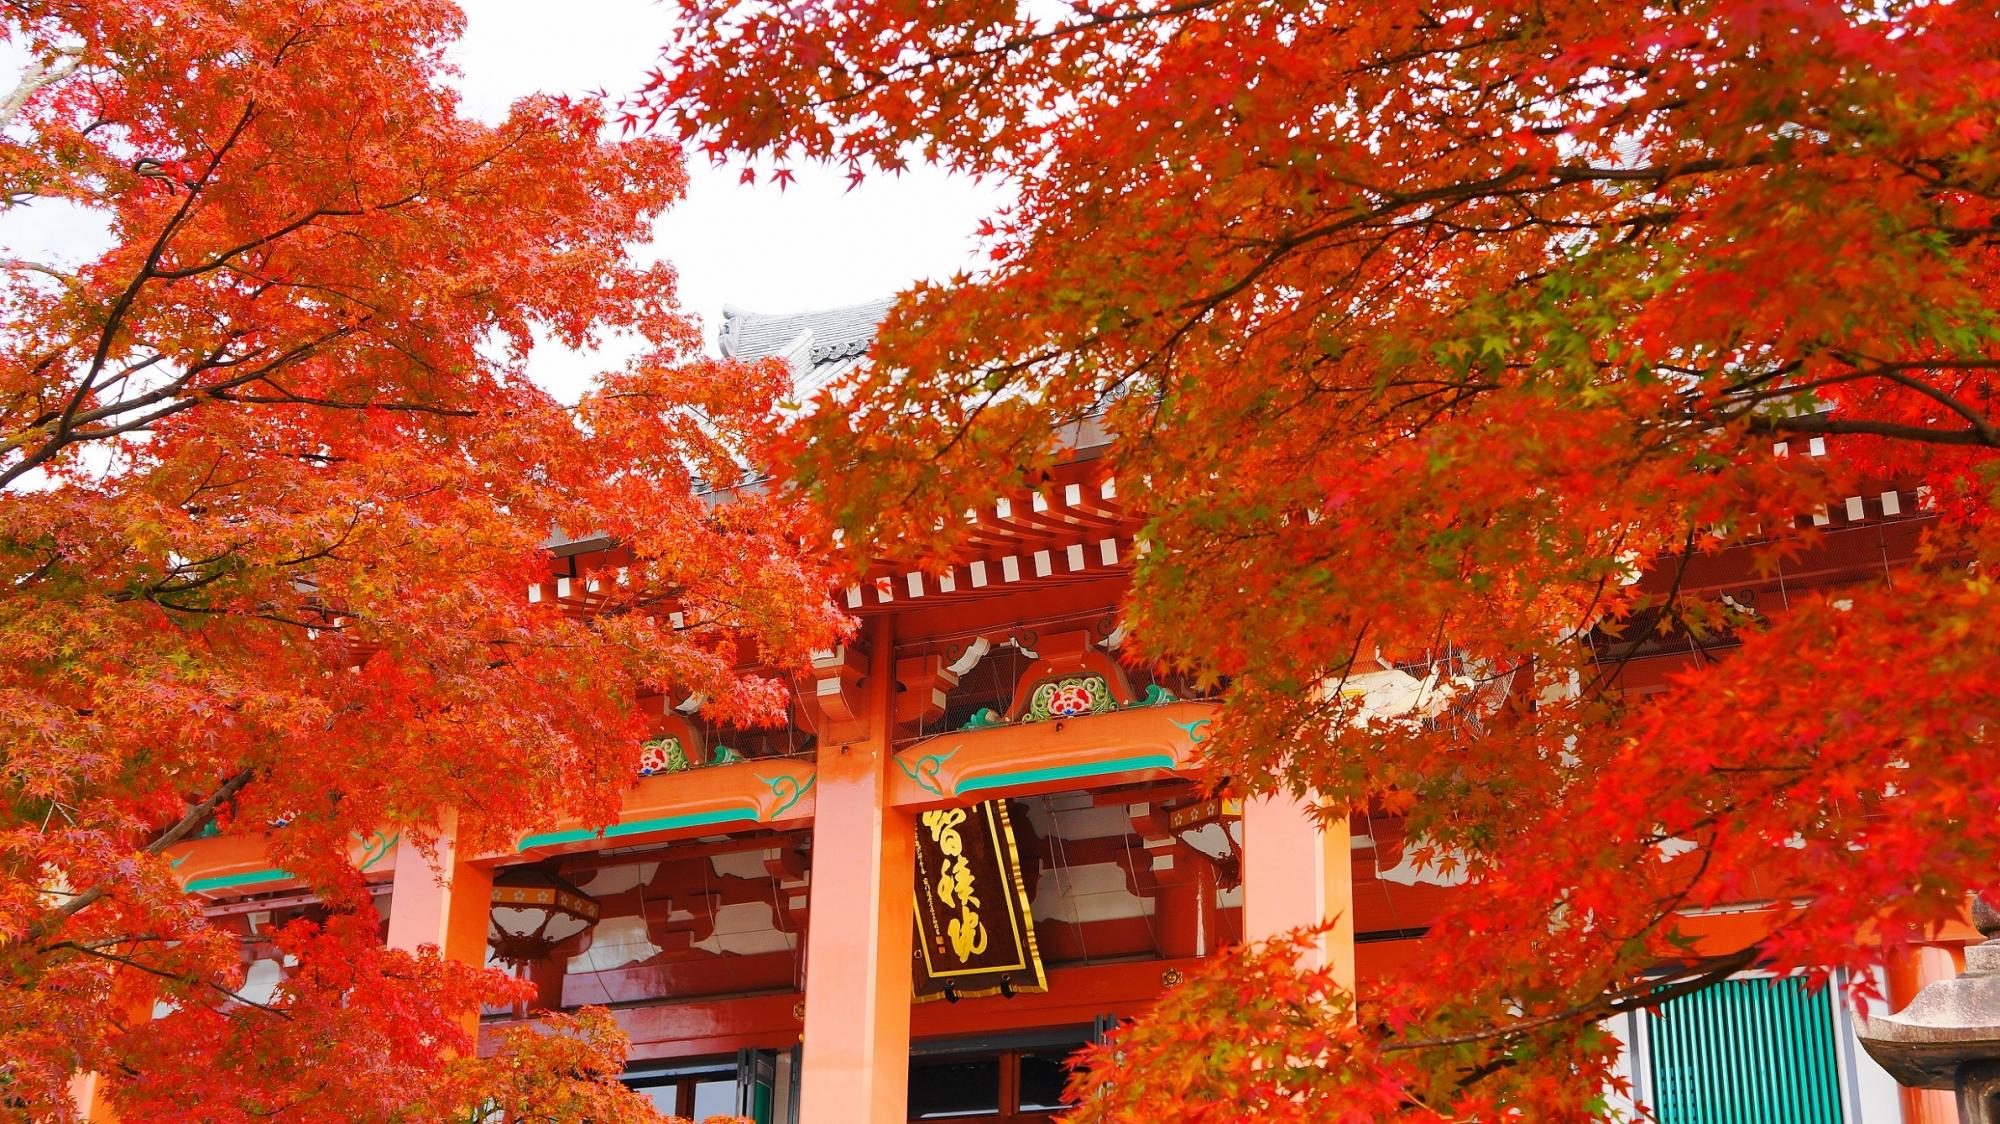 秋色につつまれる雅な雰囲気のする金堂